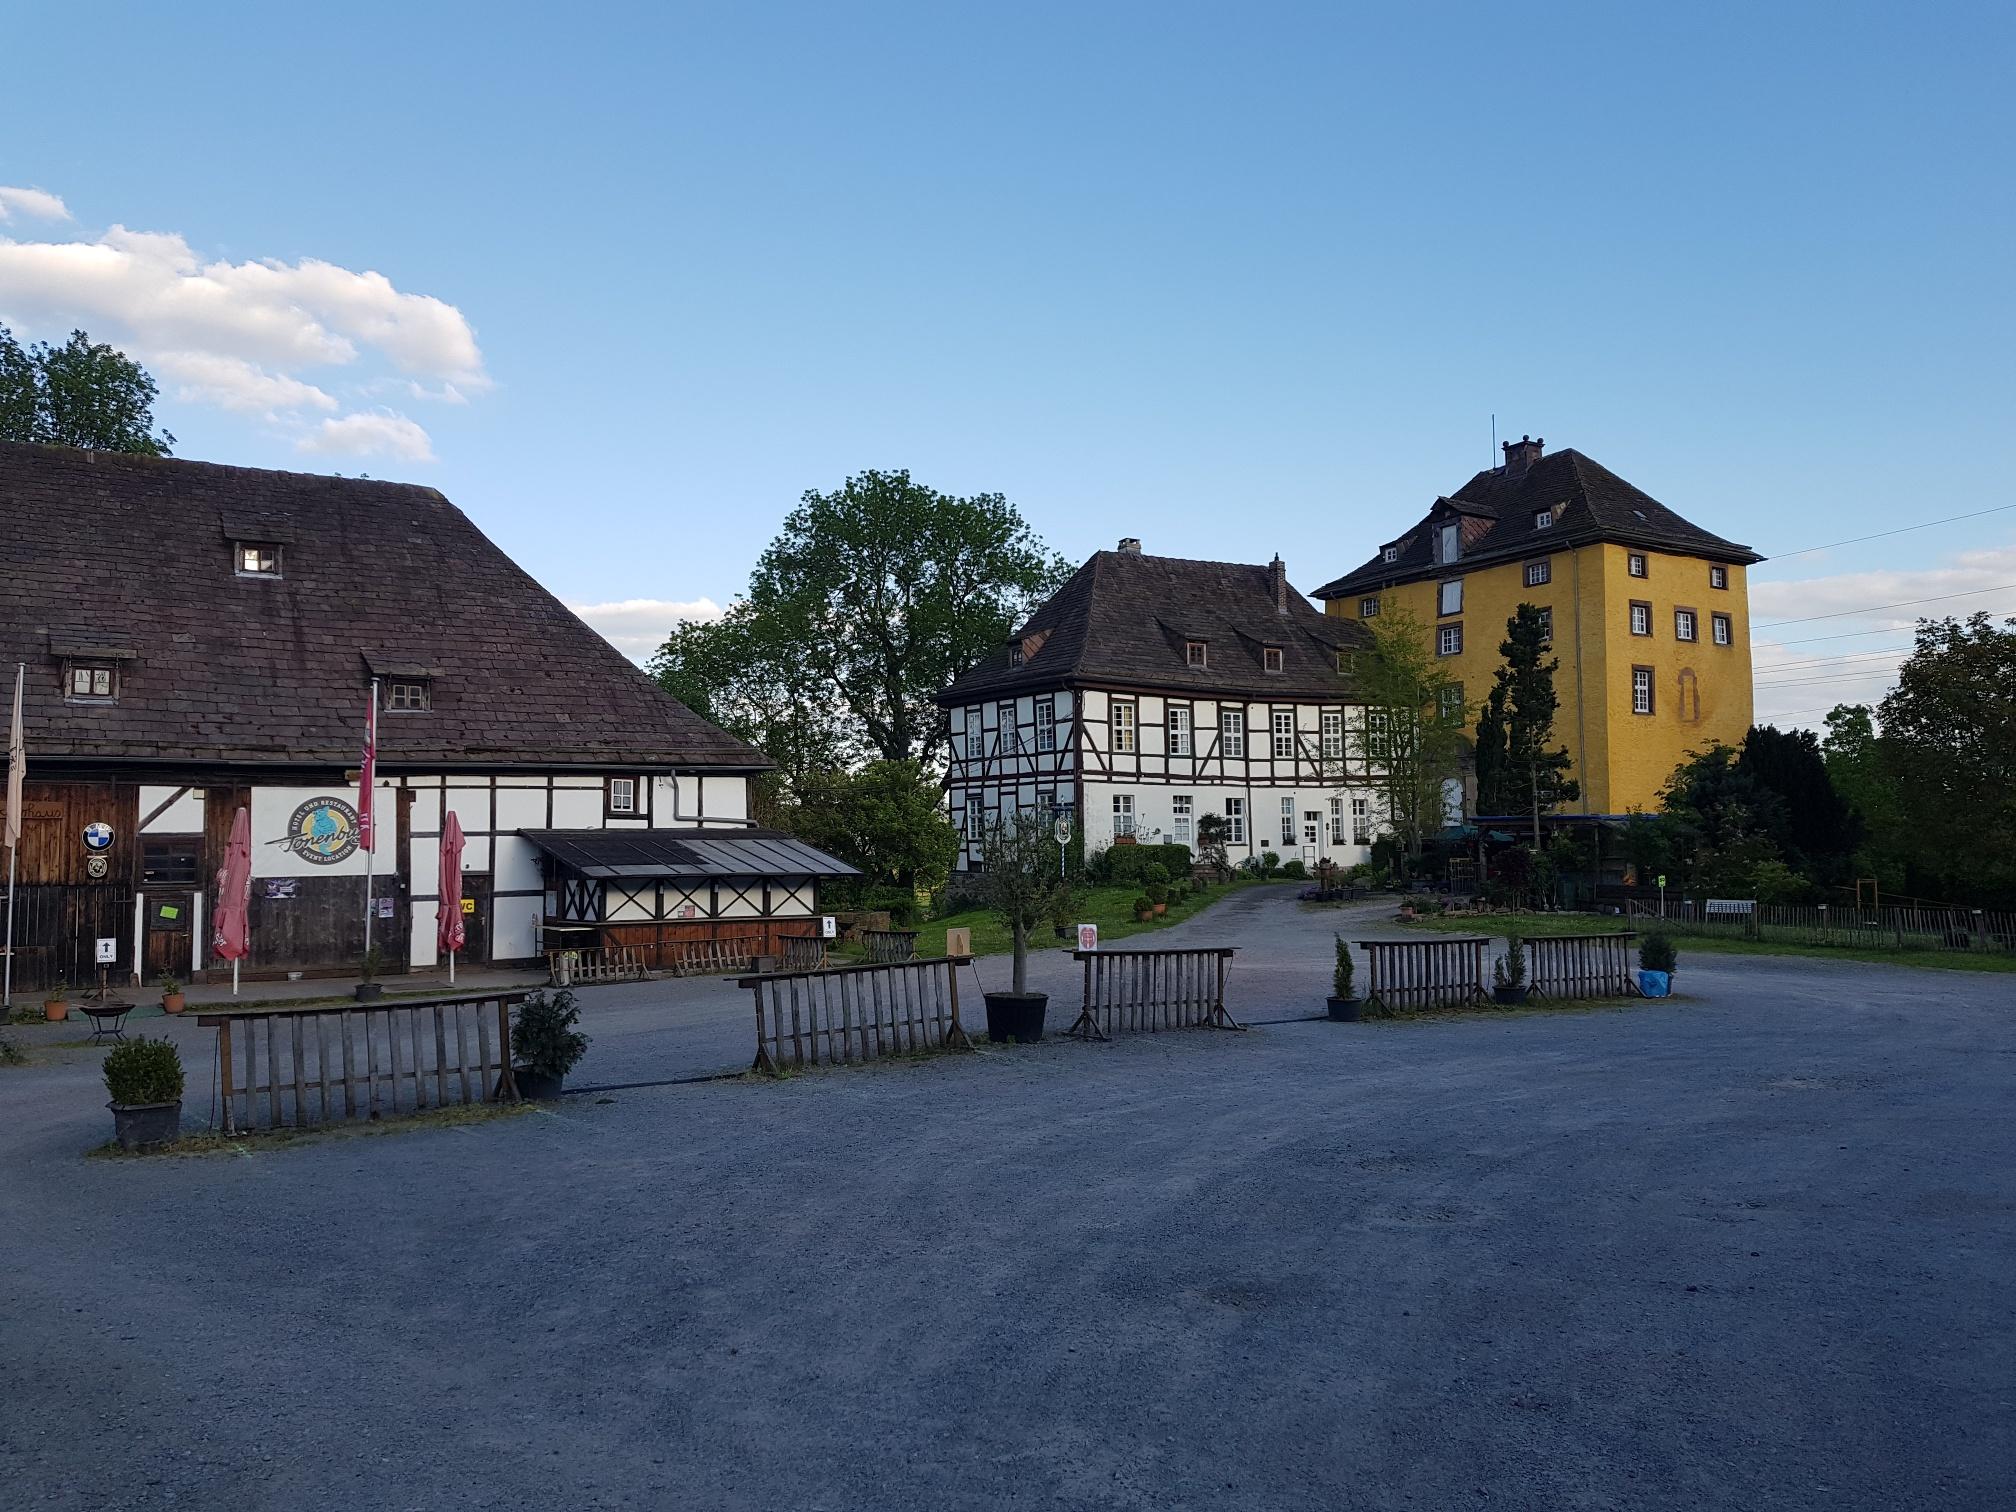 Tonenburg in Albaxen